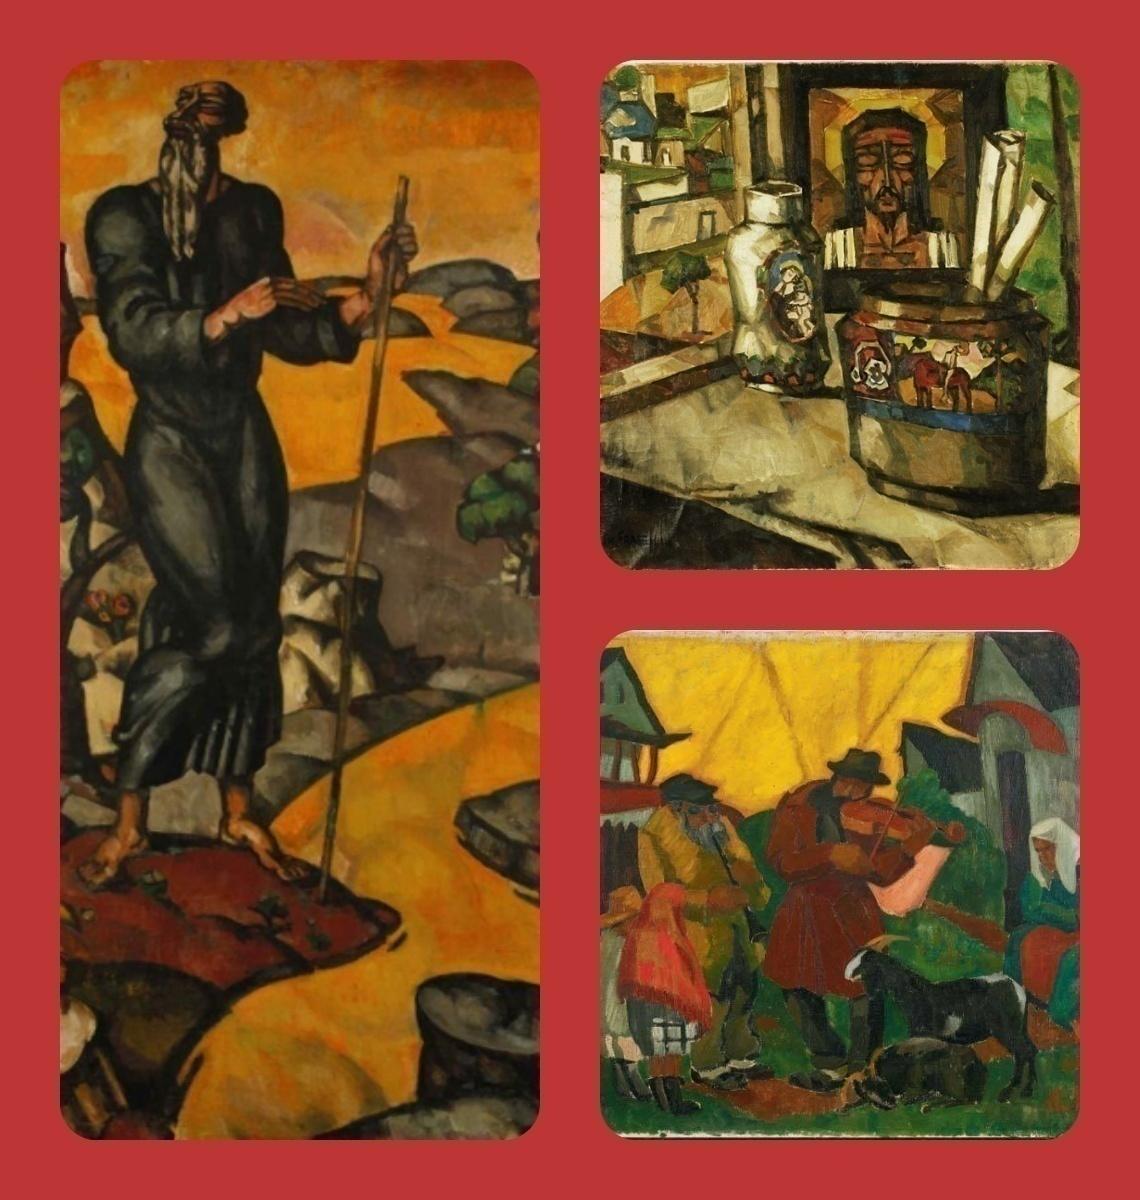 """""""Они вернулись!"""" - легендарную коллекцию работ одесских авангардистов спасли, выкупили и показывают"""